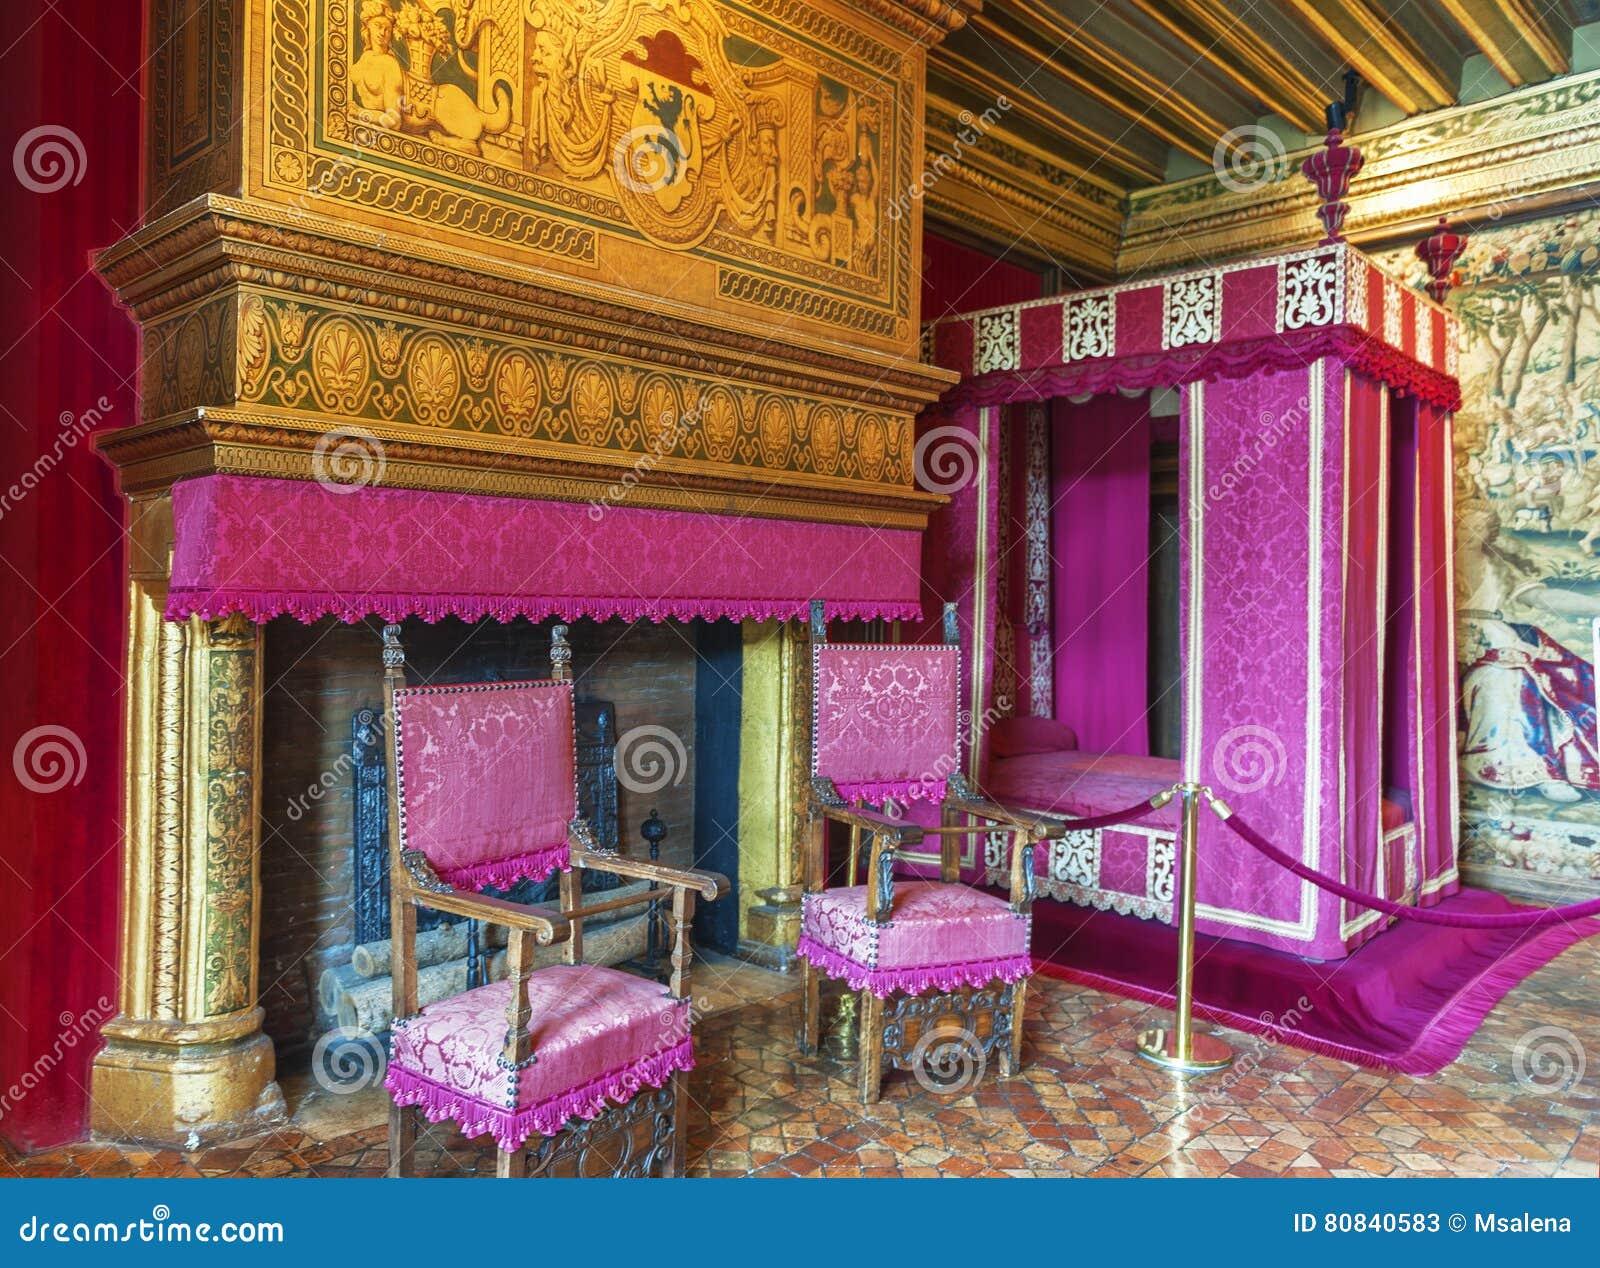 chenonceau castle interior editorial stock photo - image: 80840583